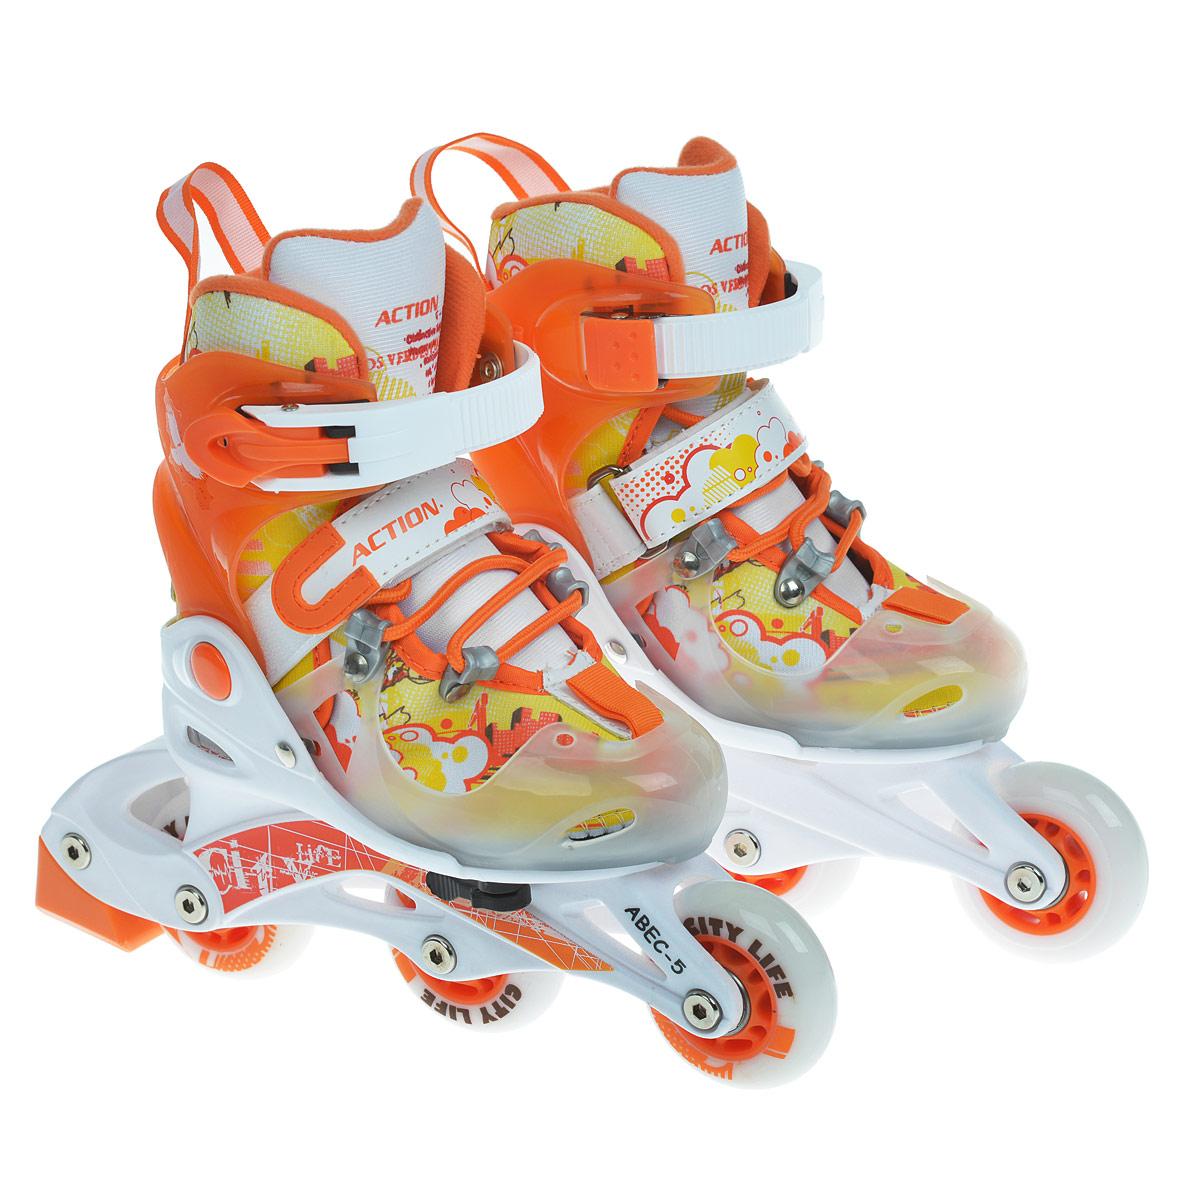 Коньки роликовые Action, раздвижные, цвет: оранжевый. PW-116. Размер 26/29PW-116Мягкий ботинок, шасси: пластик (цветной), подшипник ABEC-5. Колеса - полиуретан. Материал подкладки - EVA. Цвет - оранжевый/белый/желтый, тормоз - оранжевый. Эта модель снабжена специальным комплектом для перестановки среднего колеса на задний ряд, что придает ноге дополнительную устойчивость. Для тех, кто любит активный отдых, самым подходящим вариантом являются катание на роликах. Этот вид спорта пользуется большой популярностью не только у детей и молодежи, но и у достаточно взрослых людей, которые заботятся о своем здоровье и хотят сохранить свою фигуру в хорошей физической форме. Кроме этого, катание на роликах – это огромное удовольствие, которое заряжает энергией, дарит море положительных эмоций и ощущение радости. Если раньше катание на роликовых коньках считалось детским развлечением, то сегодня им увлекаются в разном возрасте, поскольку оздоровительный эффект от катания на роликовых коньках намного выше, чем от бега и езды на велосипеде. Отличительной особенностью детского...